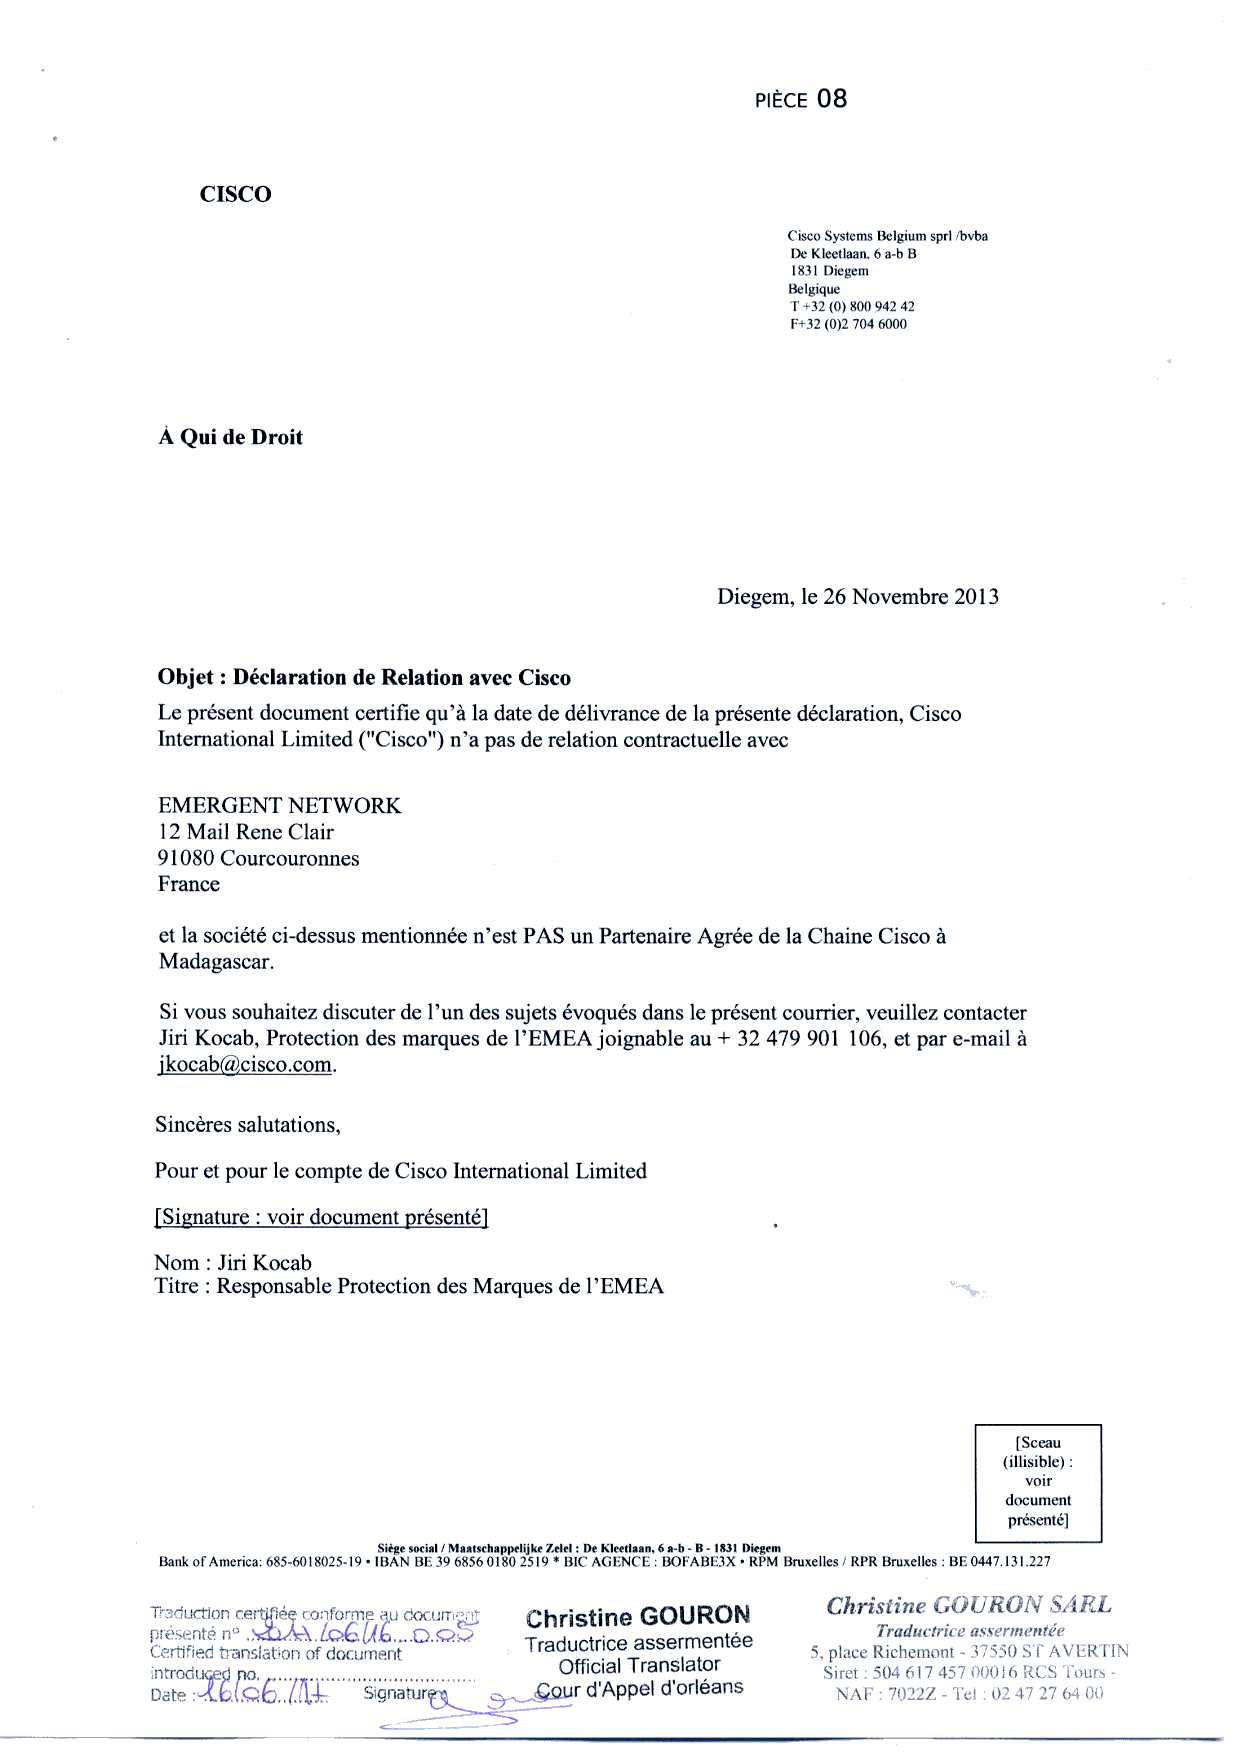 attestation cisco du 26 novembre 2013 traduite par GOURON - A vous de juger avec la totalité des jugements rendus par les Tribunaux et les Cours à Madagascar